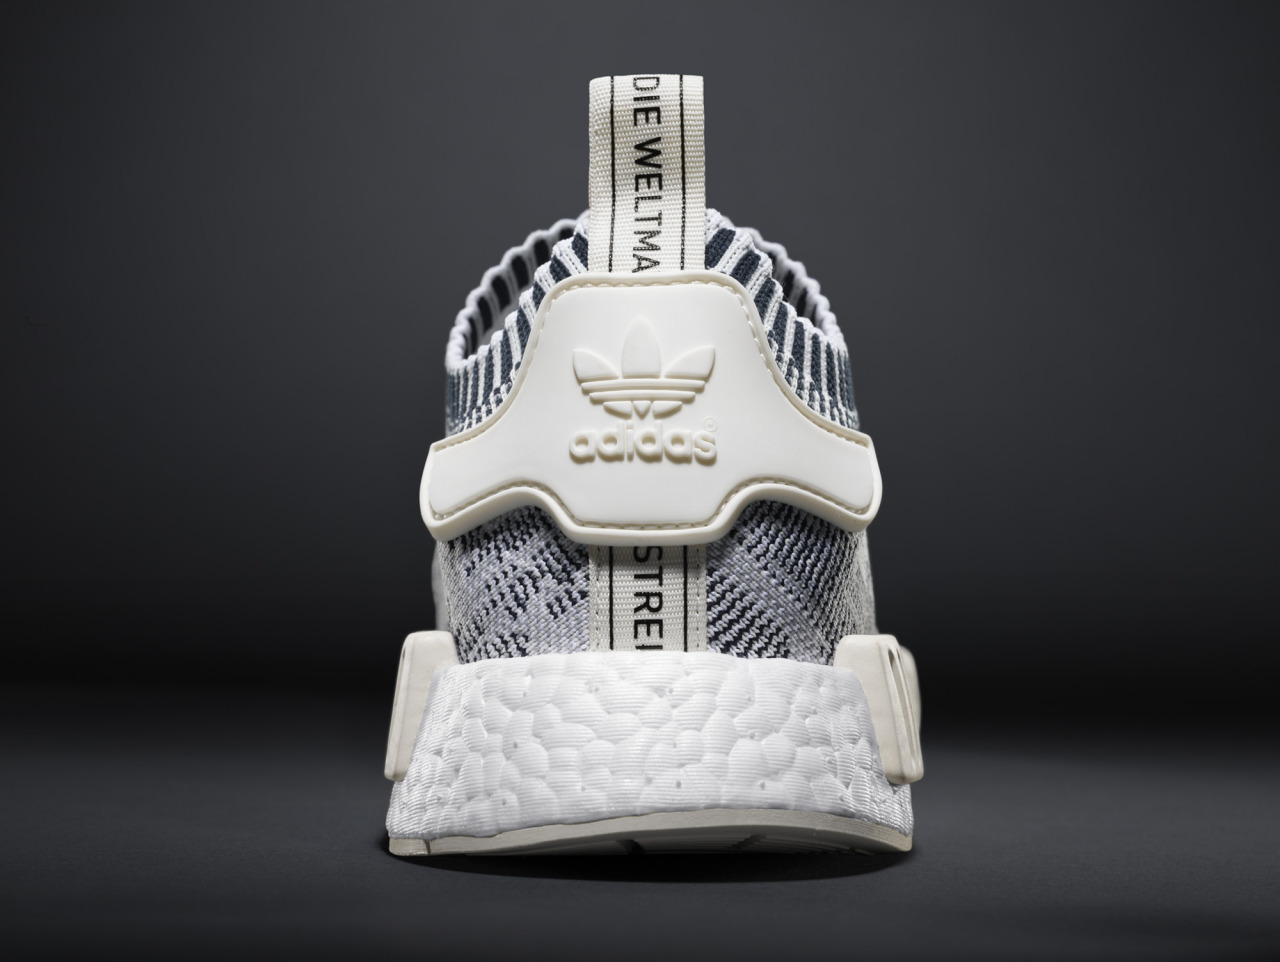 adidas-nmd-r1-primeknit-white-camo-03